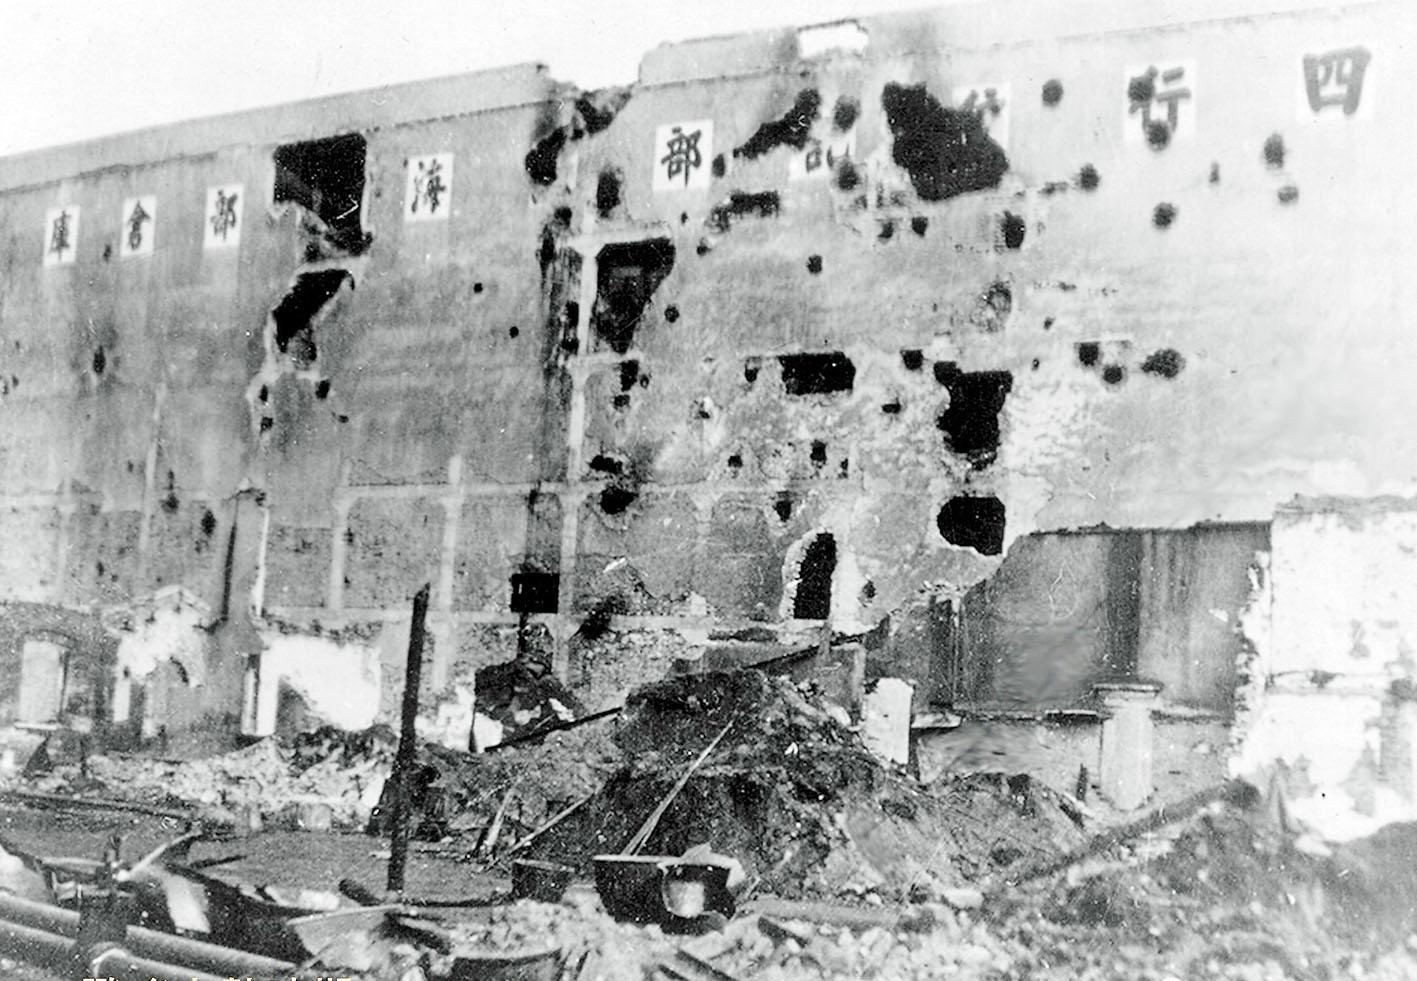 四行倉庫在國軍撤退後可見彈痕累累。網絡圖片